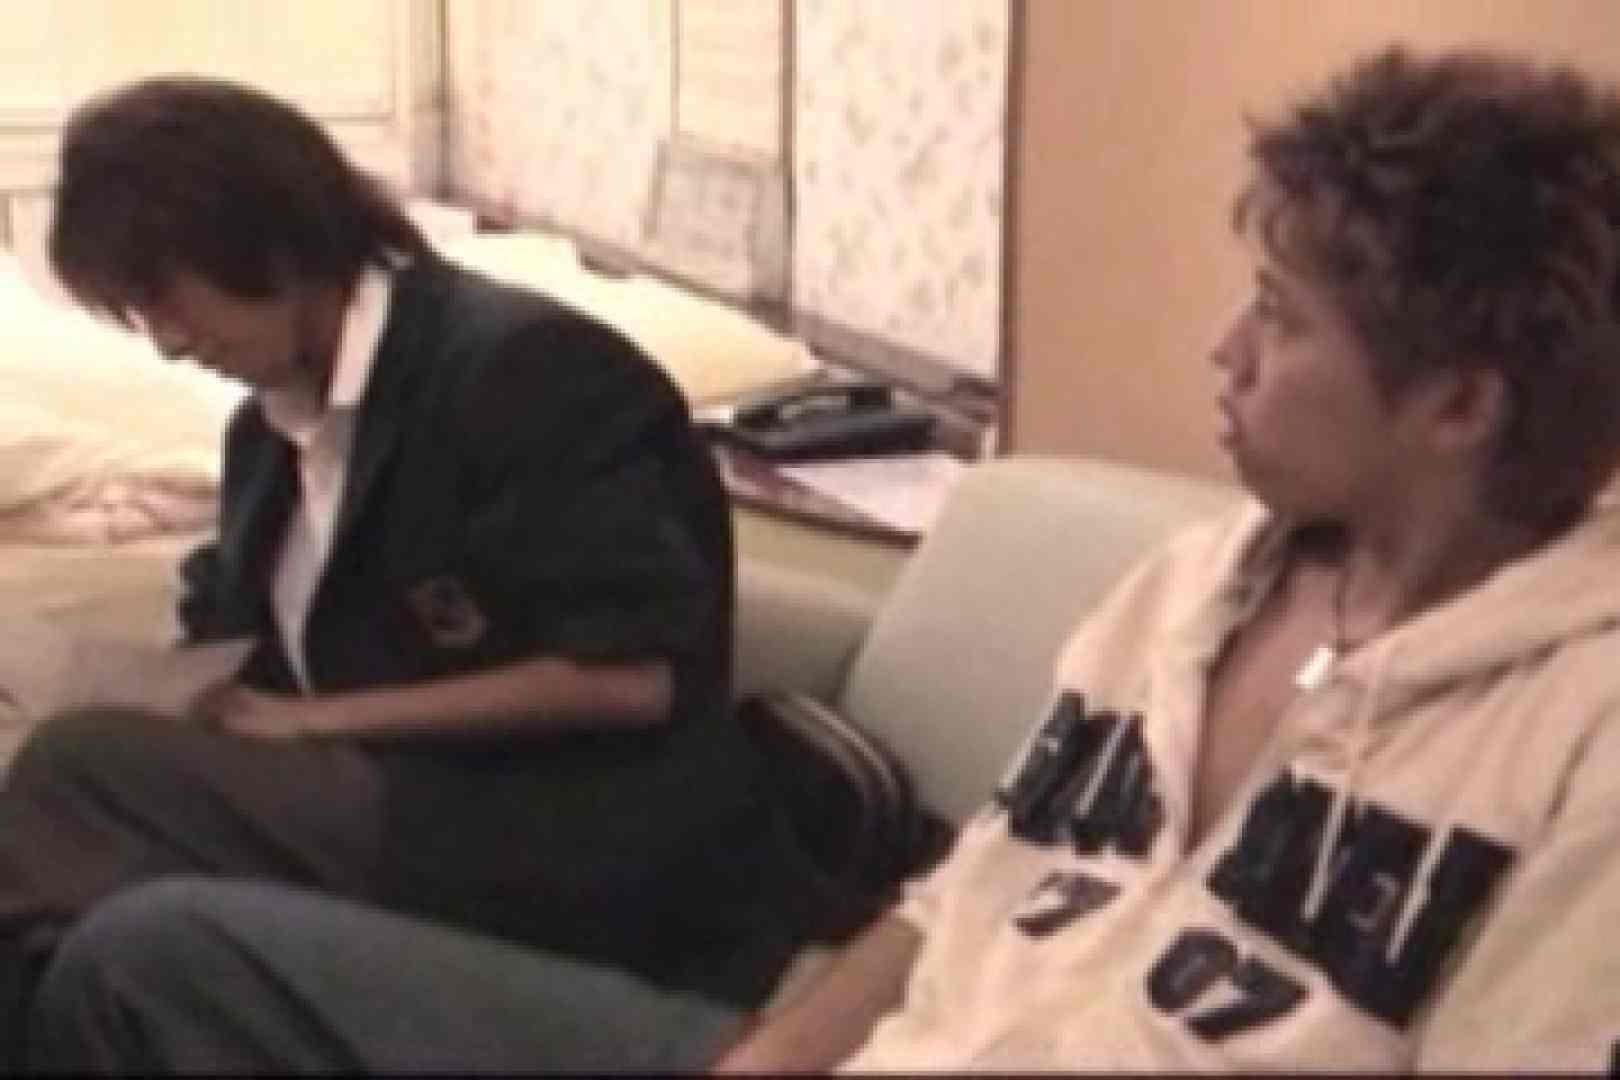 【流出】ジャニ系イケメン!!フライング&アナルが痛くて出来ません!! 茶髪 亀頭もろ画像 72枚 59